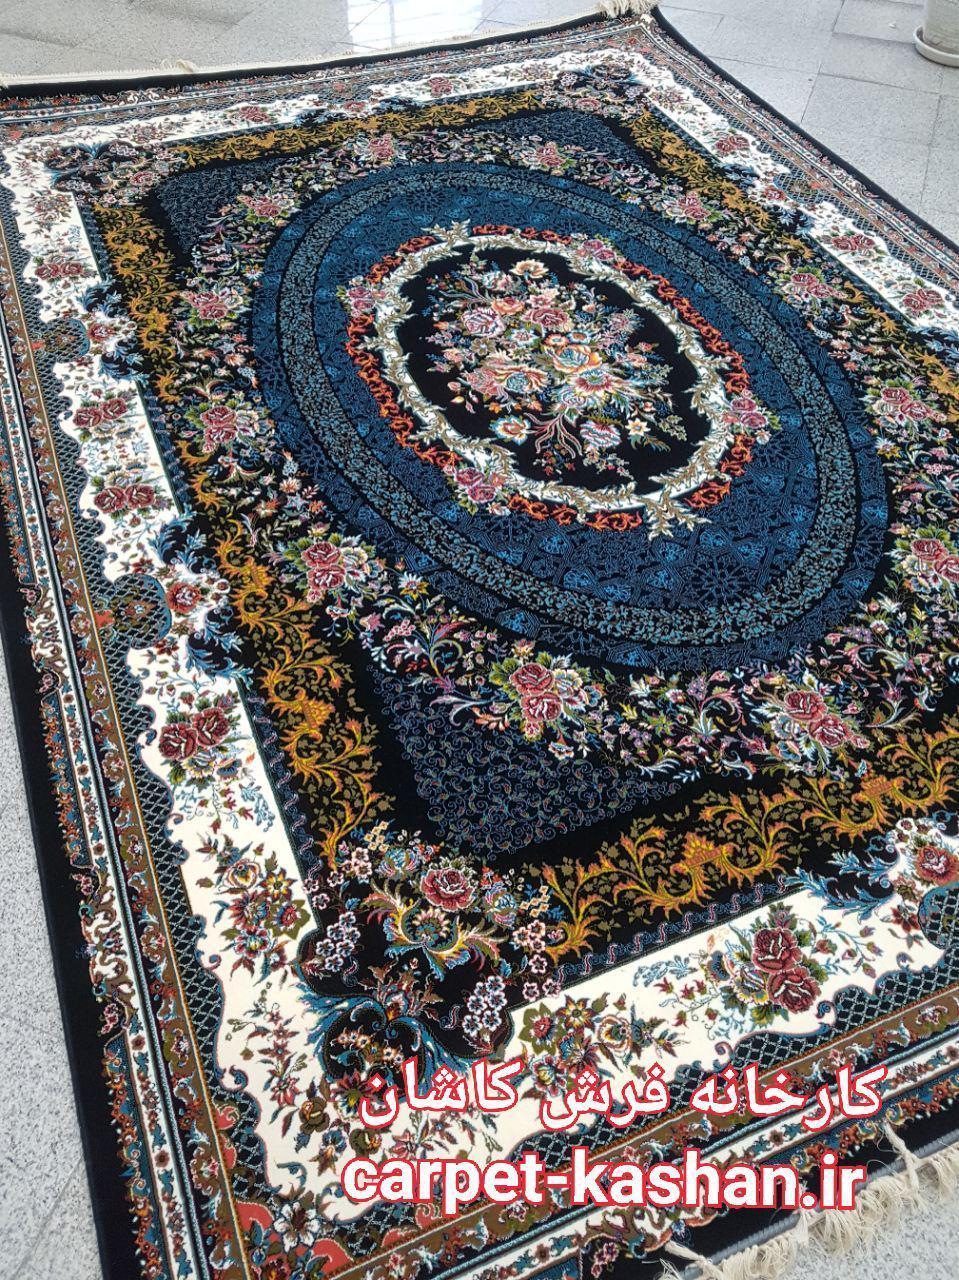 فرش کاشان – 700 شانه نقشه ماتیاس